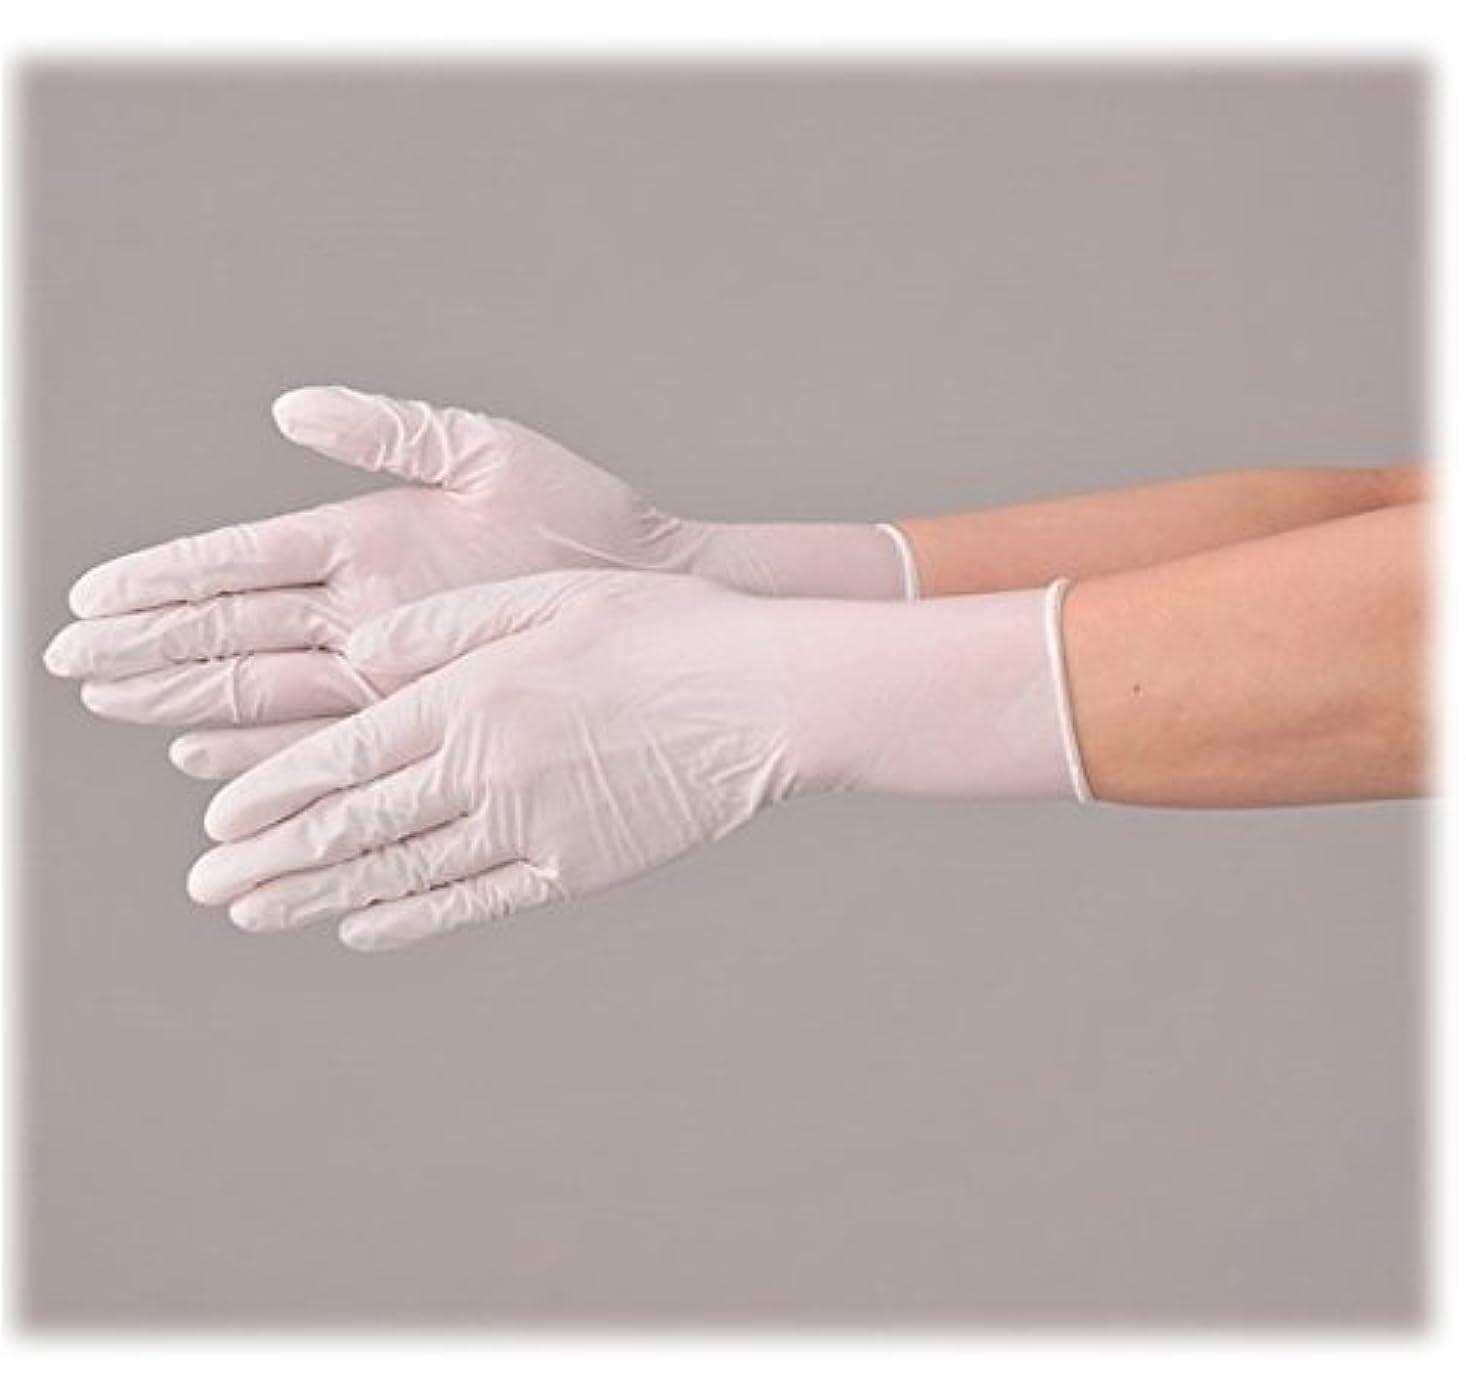 火薬求めるジャム使い捨て 手袋 エブノ 510 ニトリル 極薄手袋 ホワイト Sサイズ 2ケース(100枚×40箱)